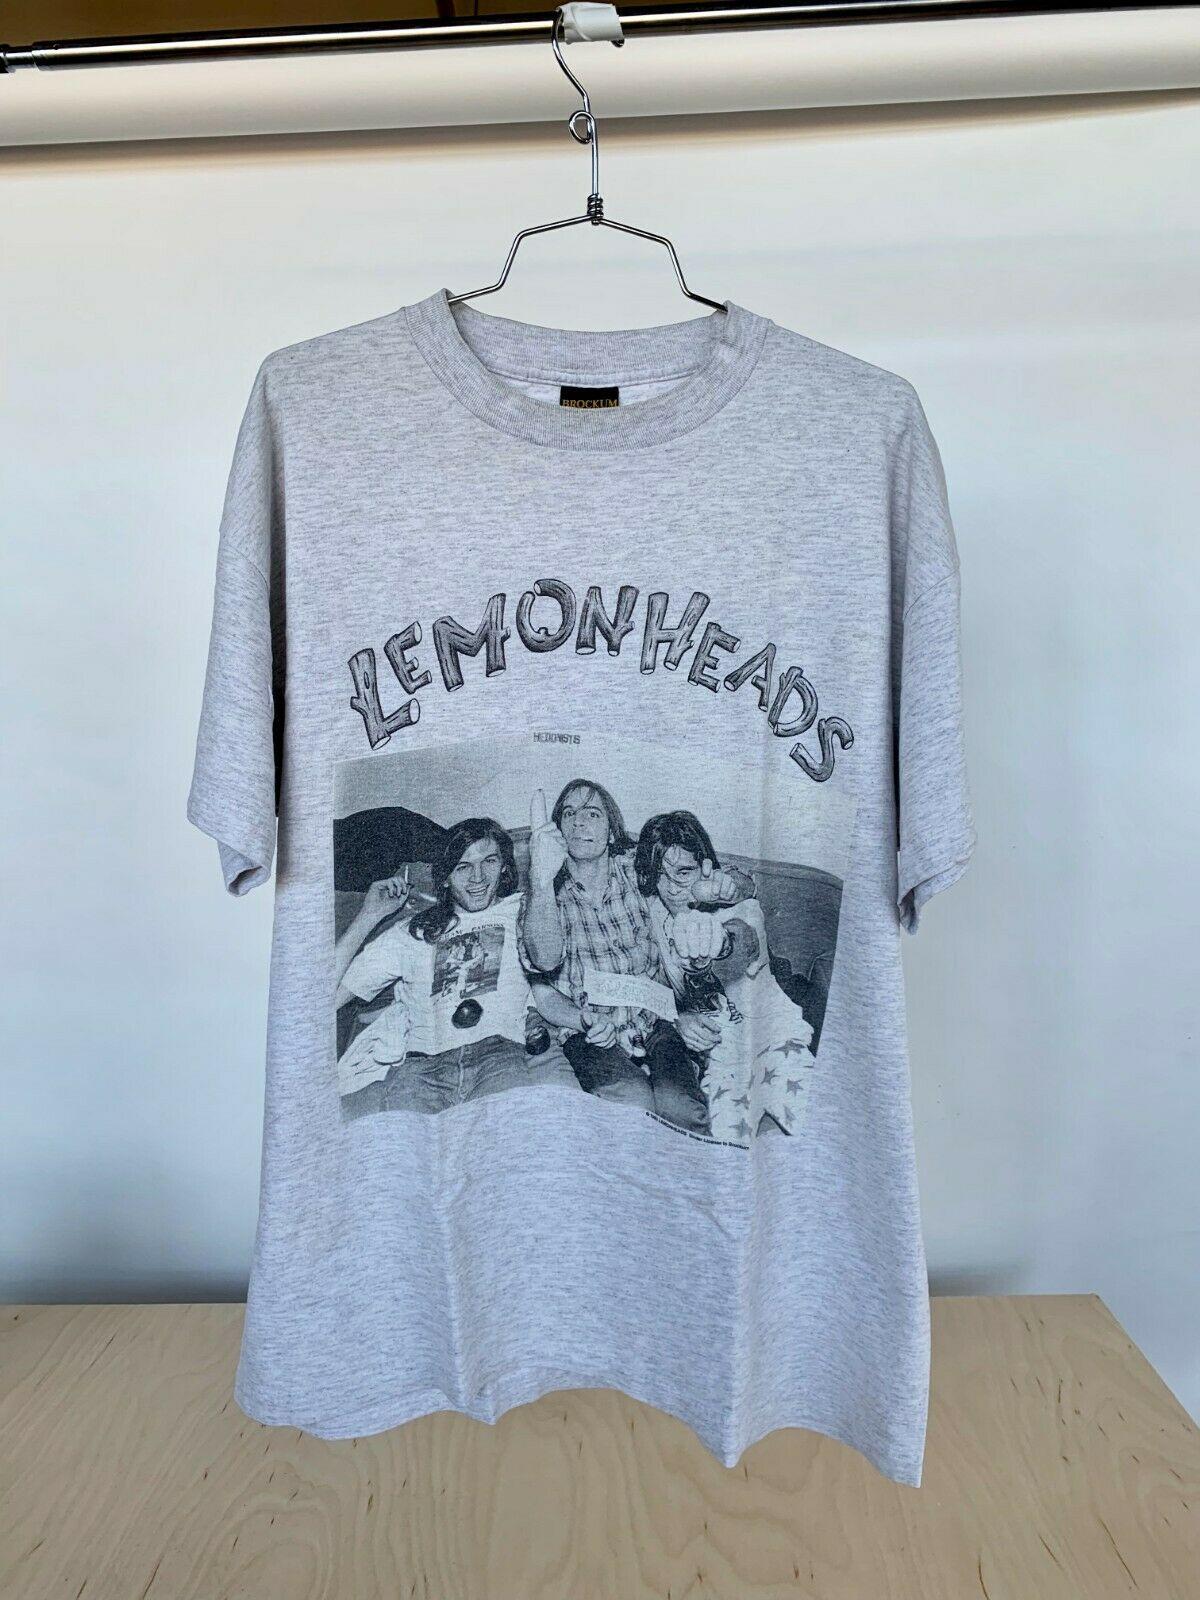 lemonheads-tshirt.jpg